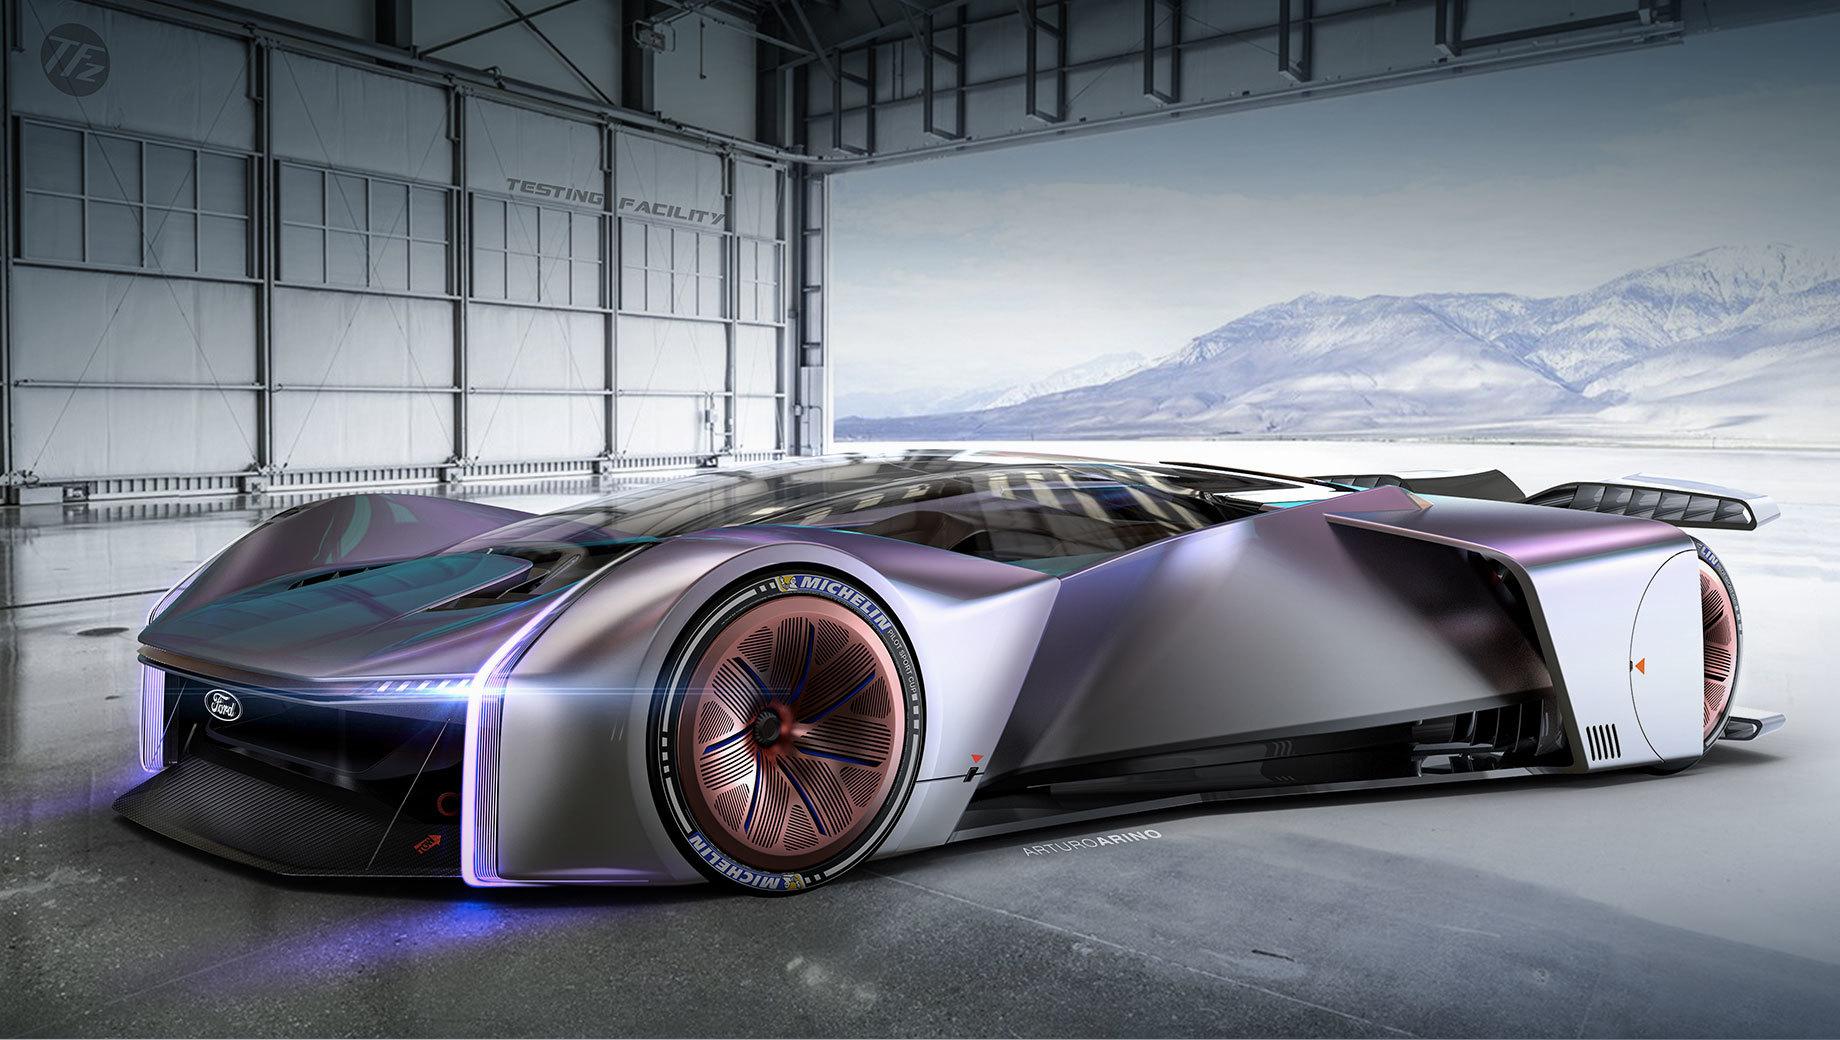 Ford team zilla p1. Дизайн спорткара выбирали 250 000 пользователей, голосовавших в Твиттере за один из двух вариантов. Project P1 от фордовского экстерьерщика Артуро Ариньо победил, набрав 83,8% голосов. (Автор говорит, что вдохновлялся суперкаром Ford GT.) Машина дебютировала в августе на выставке GamesCom 2020.